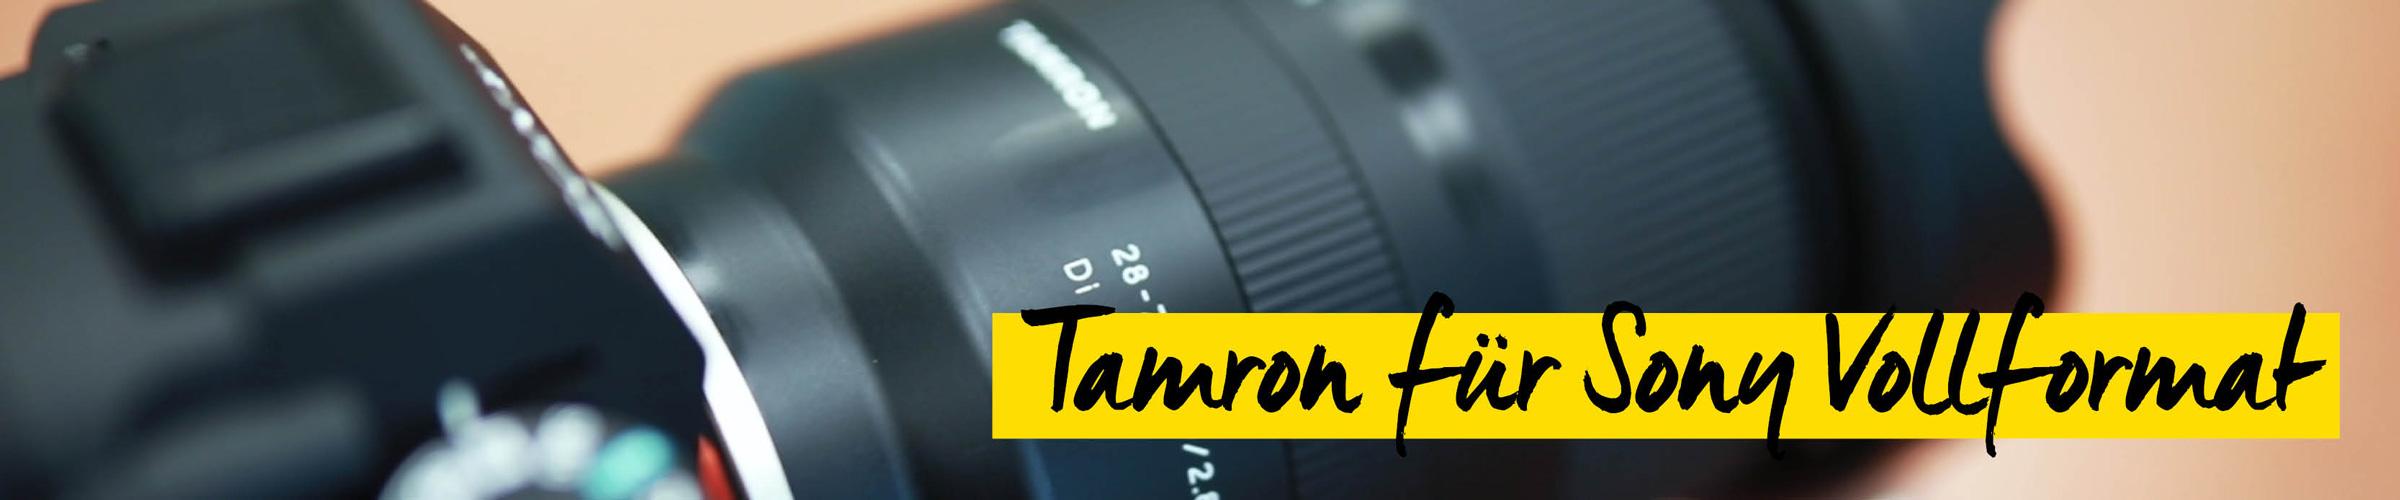 Tamron 28-75mm f.2.8